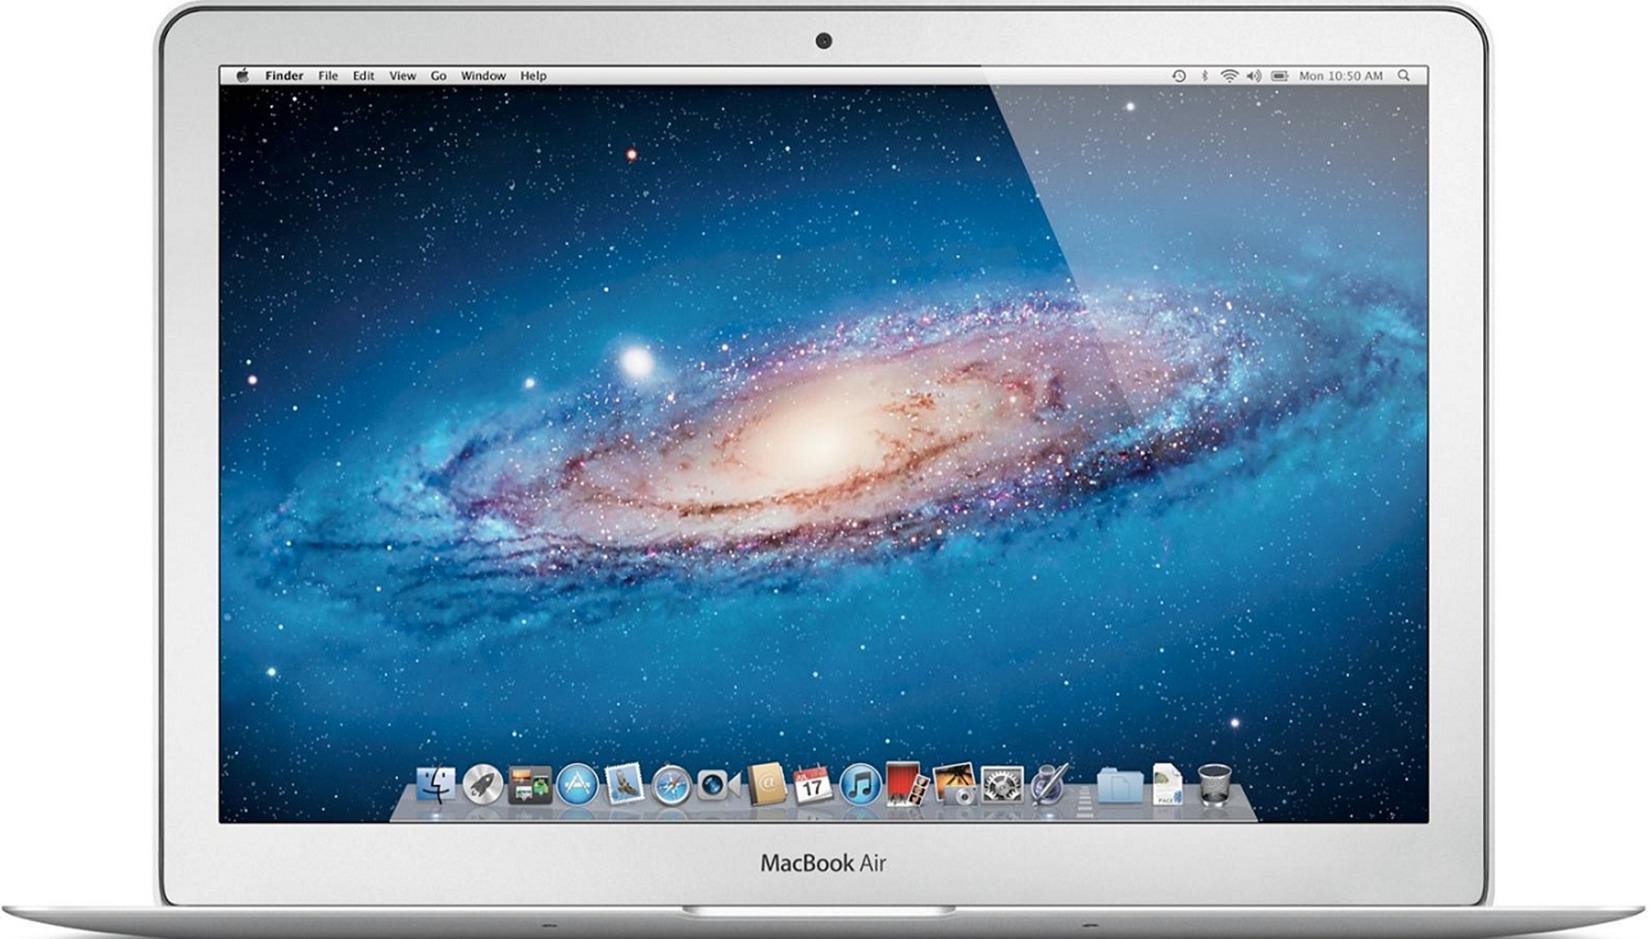 Apple MacBook Air 13.3 (High-Res Glossy) 1.7 GH...